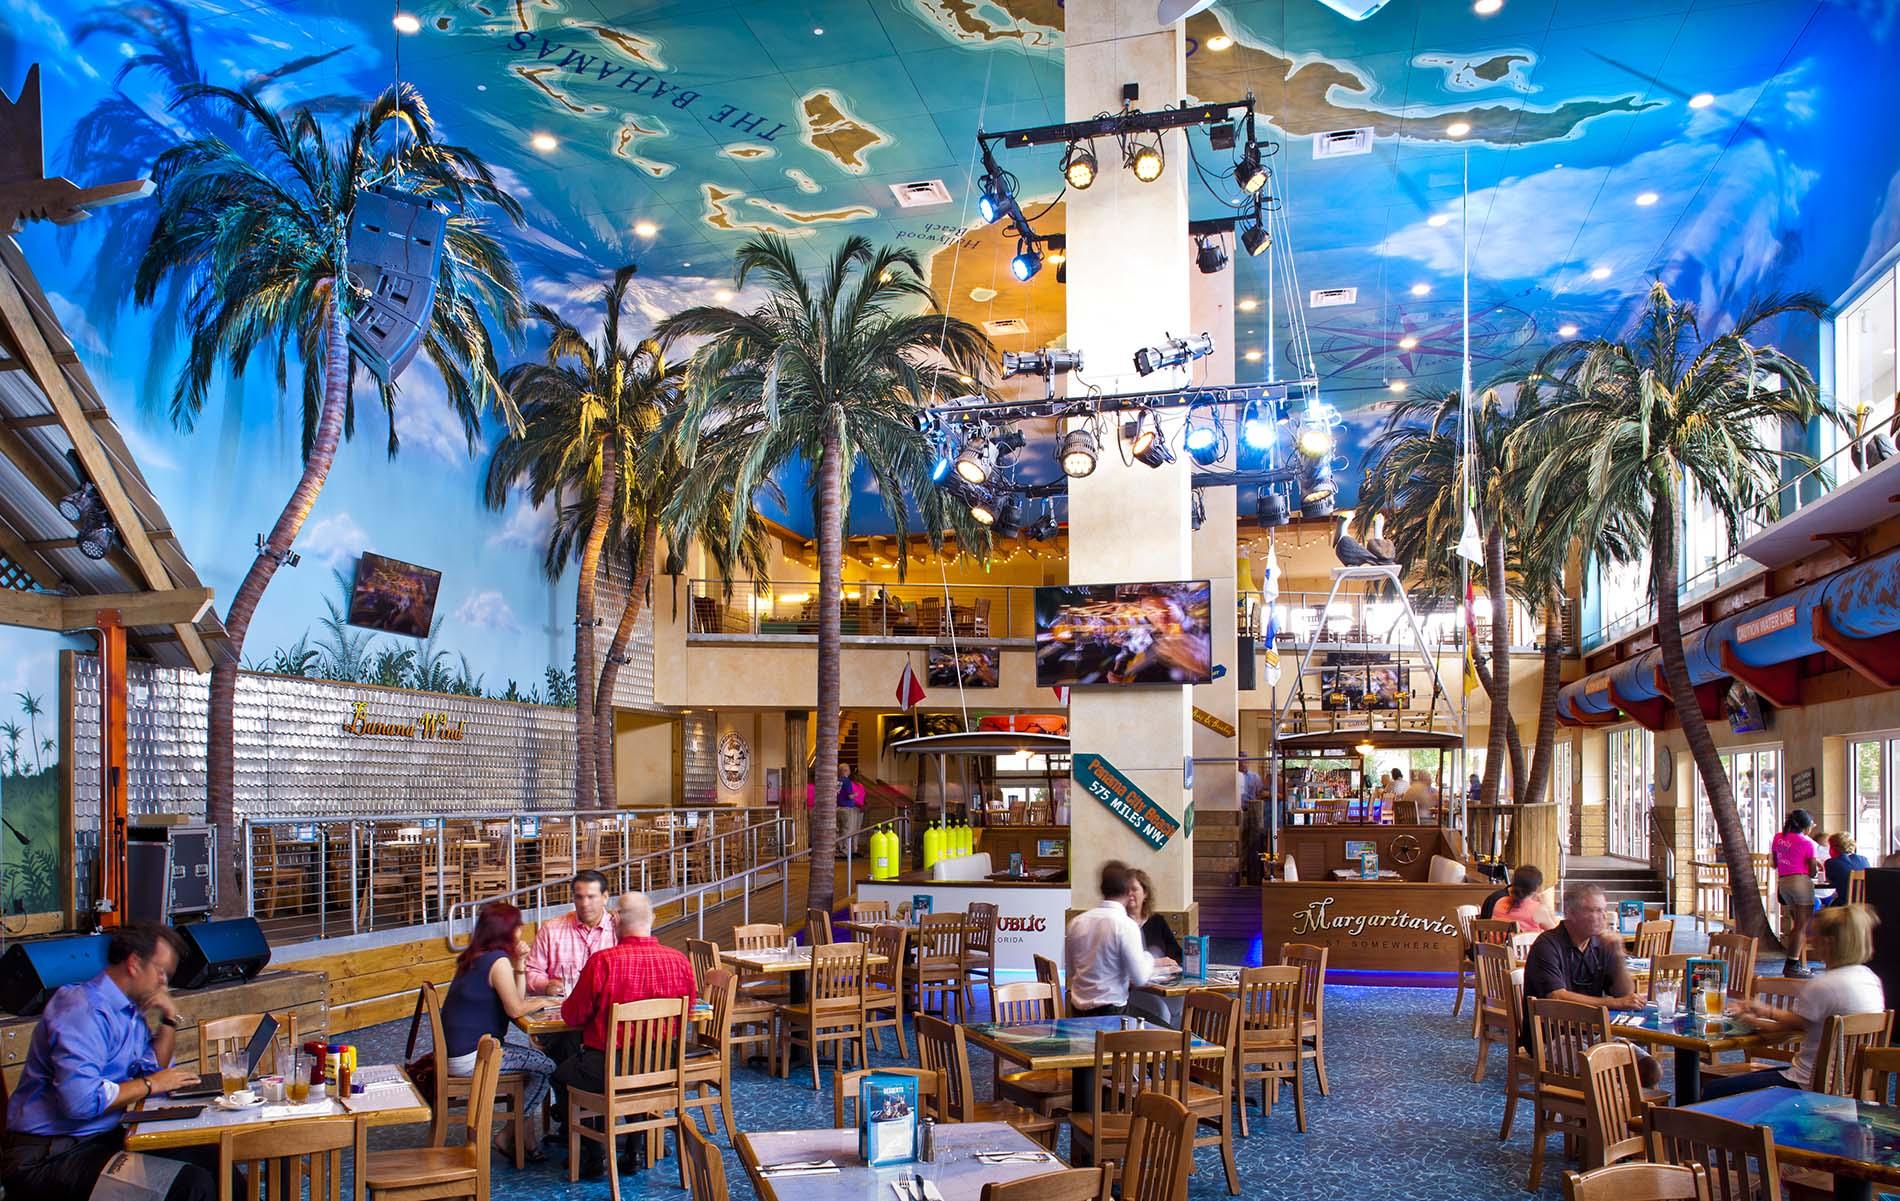 New Lighter Fare Menu at Margaritaville Hollywood, FL